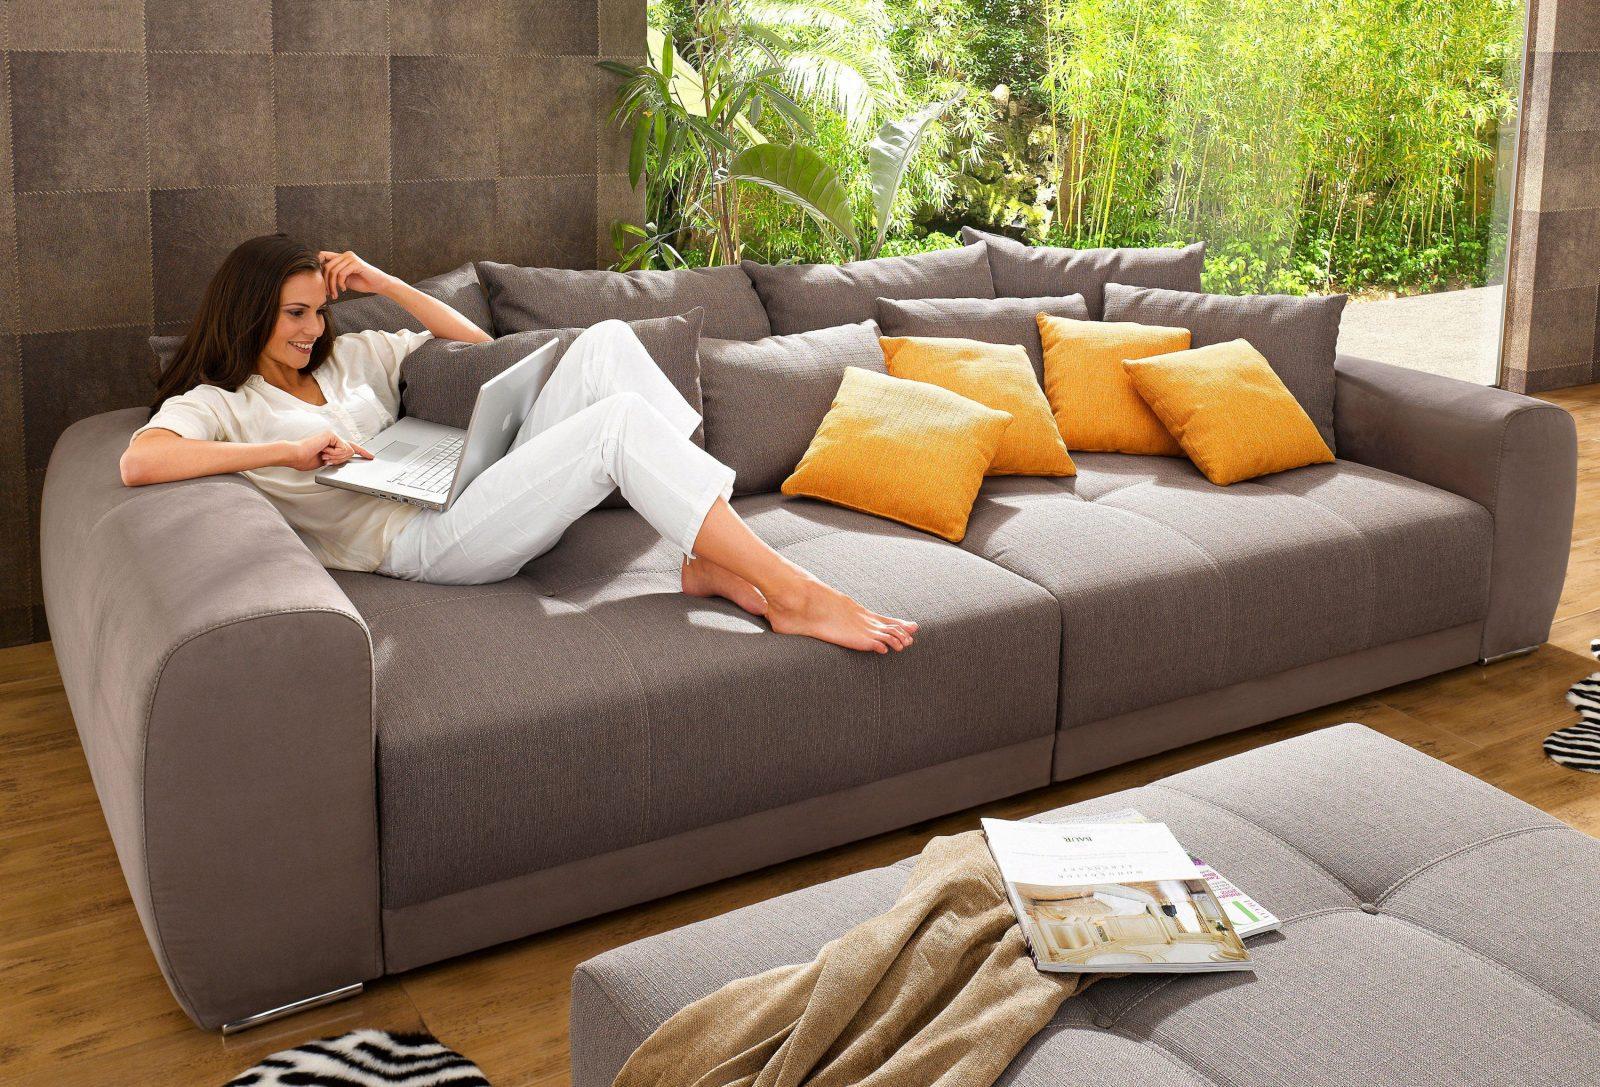 Xxl Big Sofa & Couch Günstig Auf Rechnung + Raten Kaufen von Big Sofa Billig Kaufen Bild